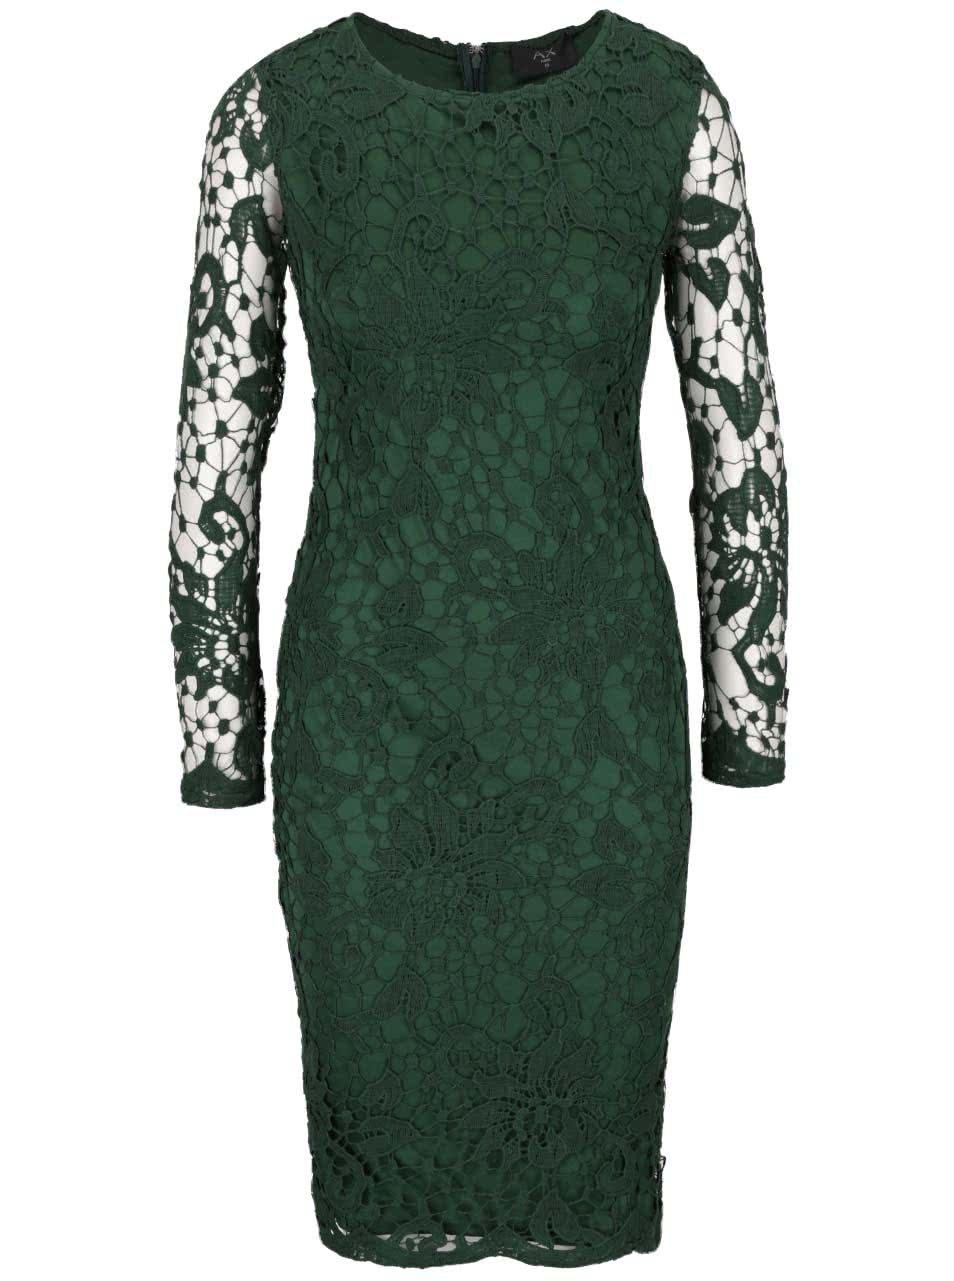 69542779095d Zelené čipkované šaty s dlhým rukávom AX Paris ...